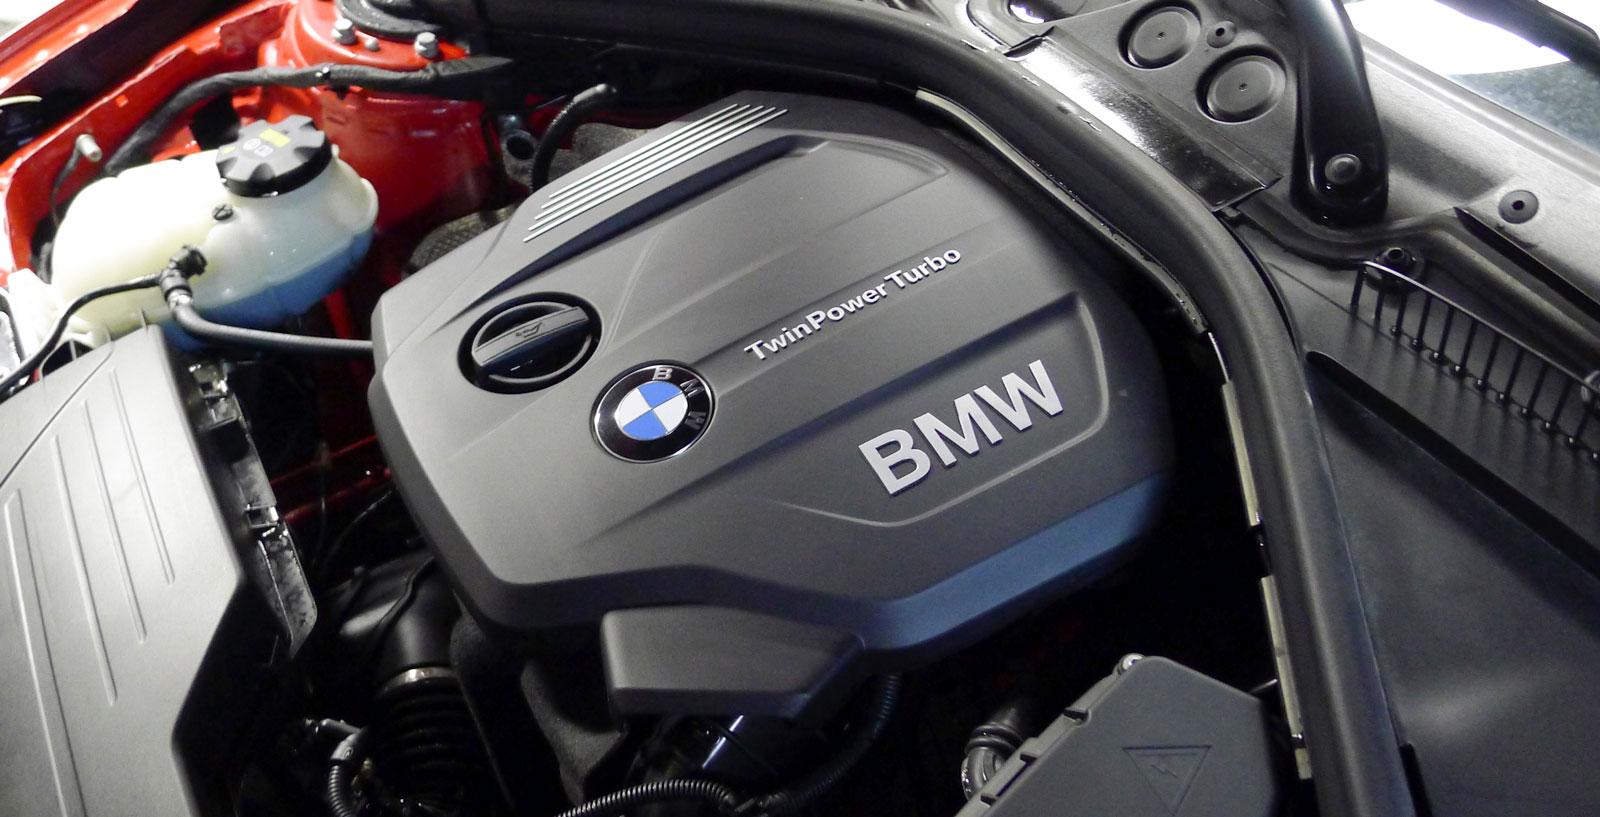 BMW:s trea är en så kallad modulmotor som konstruerats för olika storlekar och som används även i MINI. Rister rätt svårt vid kallstart och på tomgång men arbetar annars mjukt, starkt och snålt.